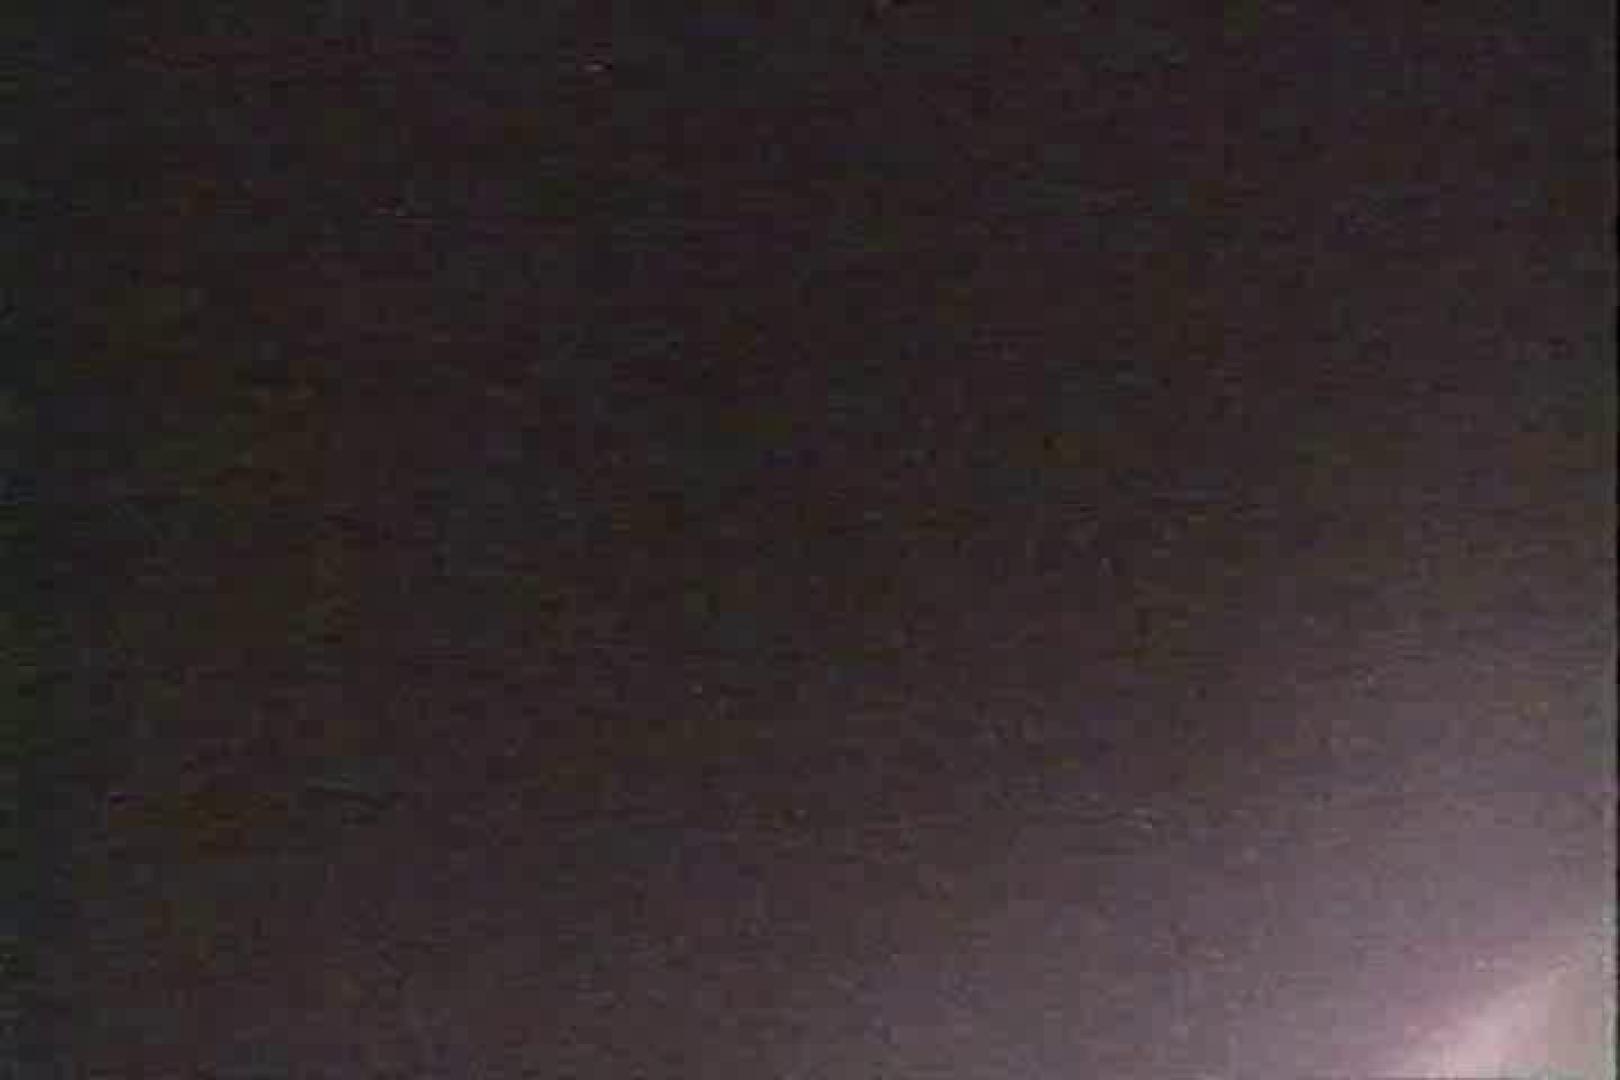 「ちくりん」さんのオリジナル未編集パンチラVol.1_01 独身エッチOL | チラ  92pic 40